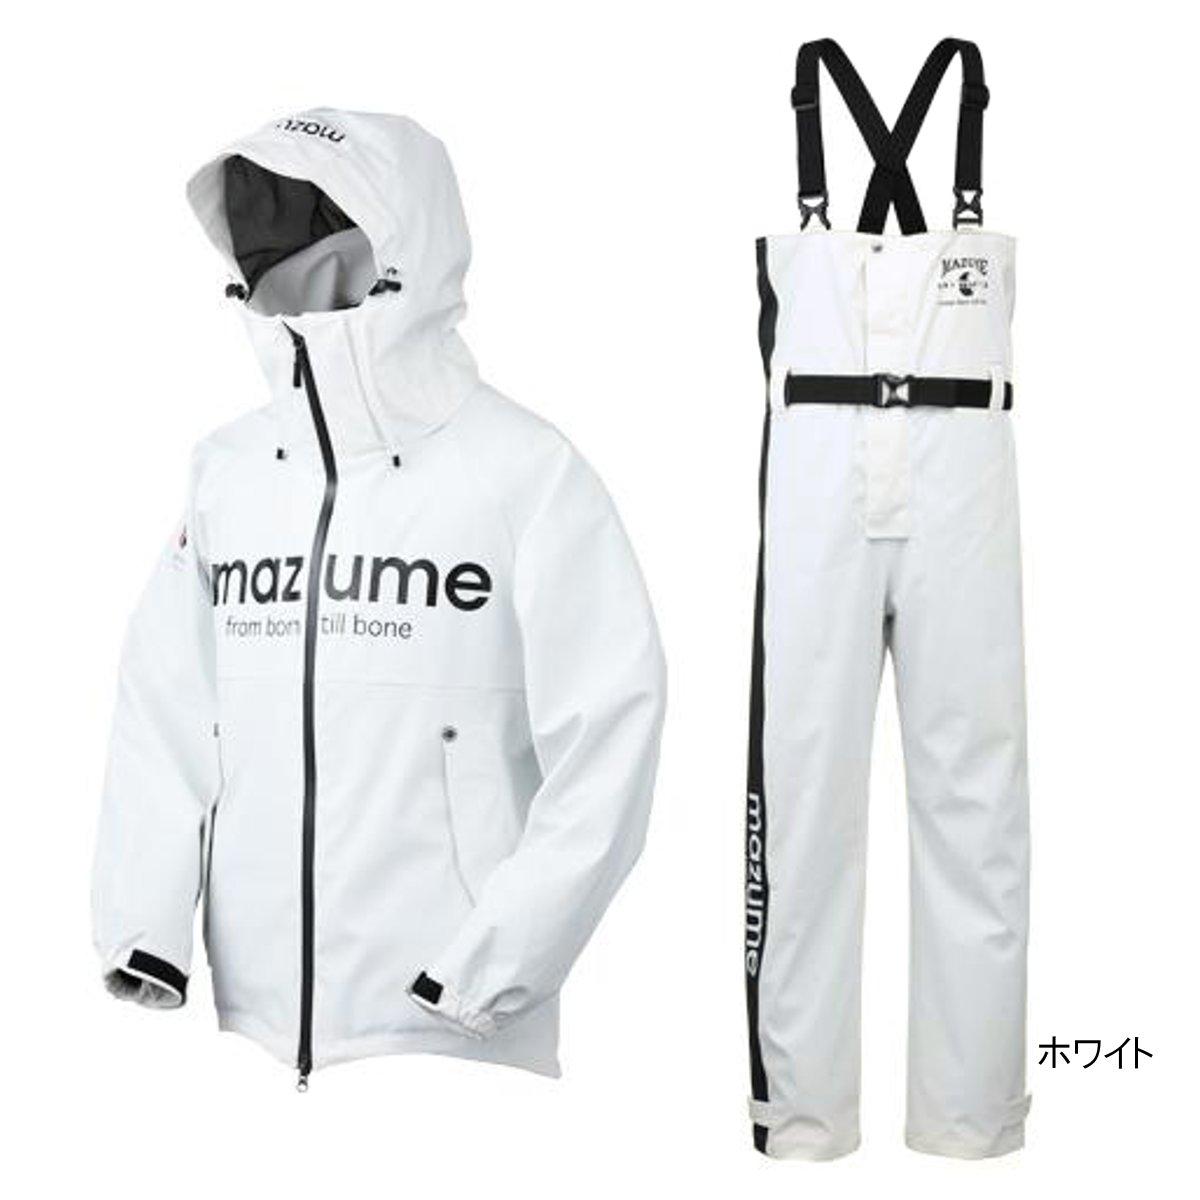 mazume ROUGH WATER レインスーツ II MZRS-383 LL ホワイト【送料無料】